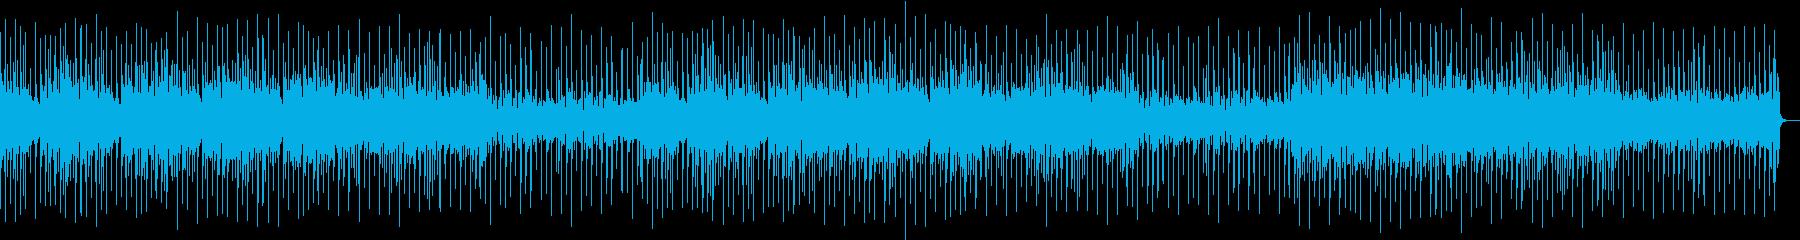 壮大なU2風の曲をウクレレ生演奏での再生済みの波形